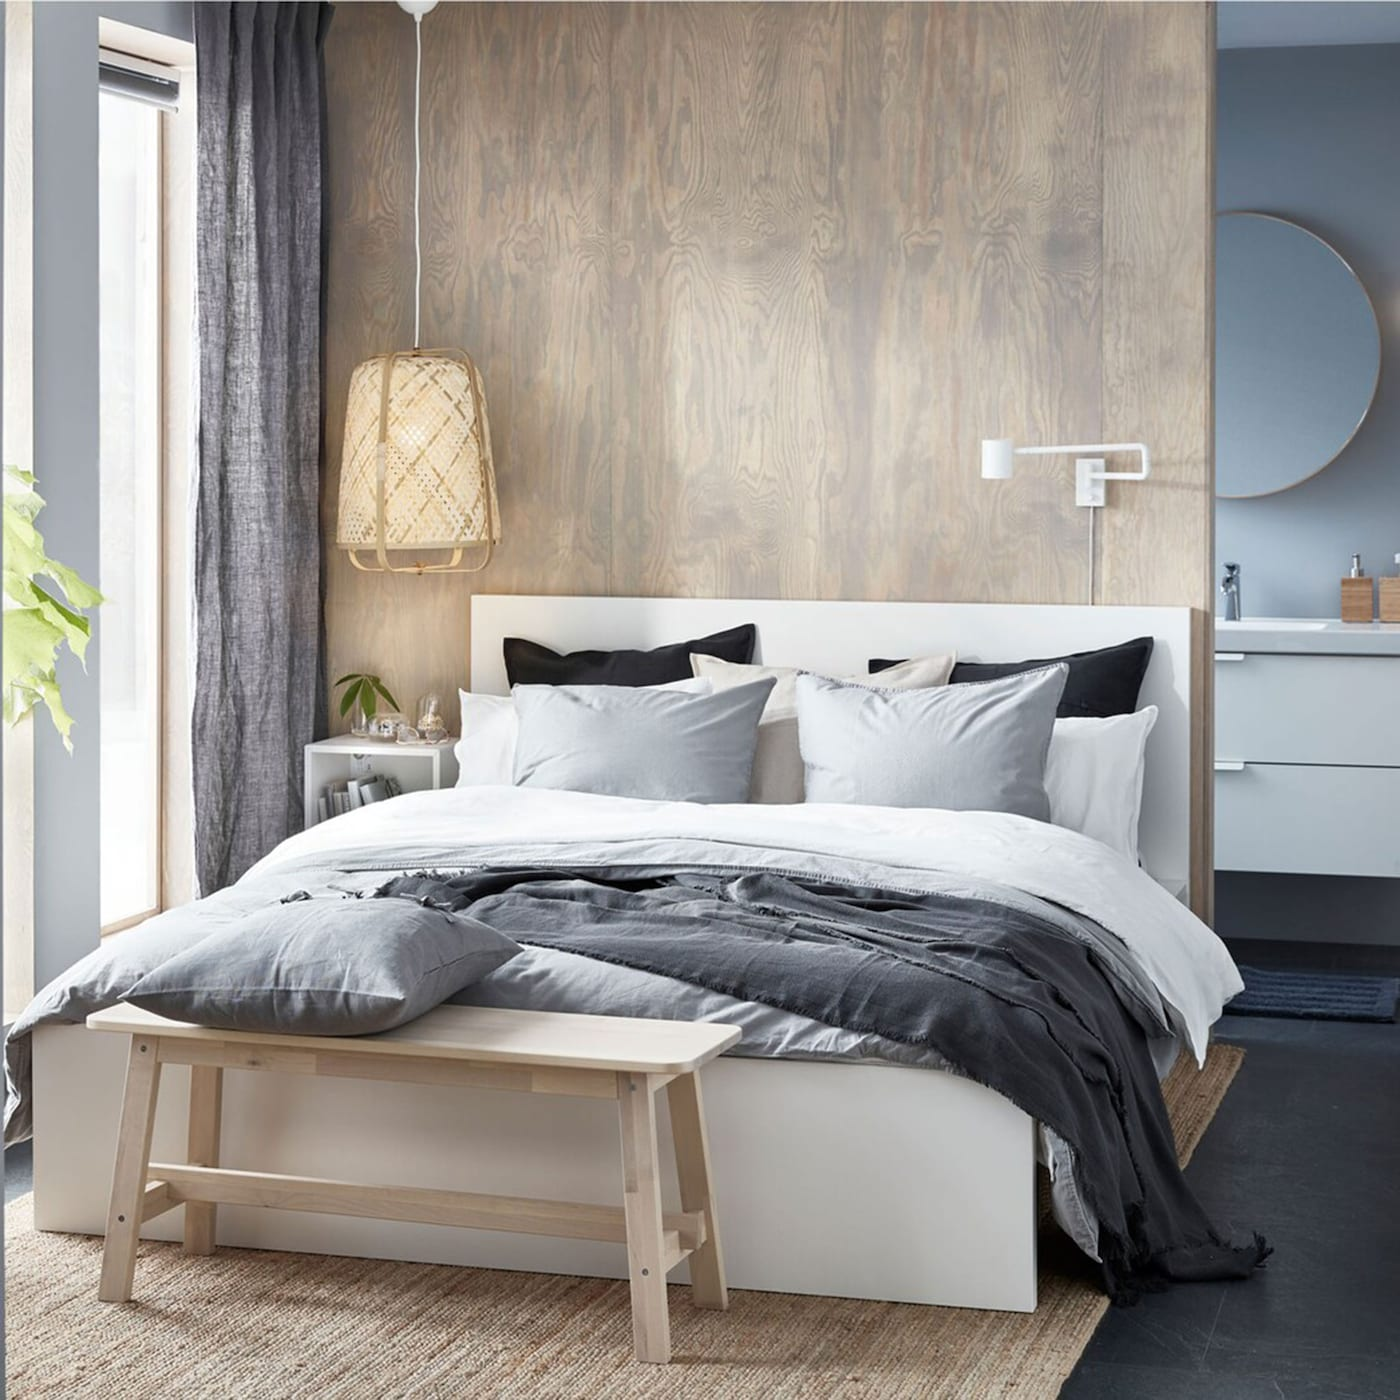 Schlafzimmermobel Expresslieferung In 48h Ikea Schweiz